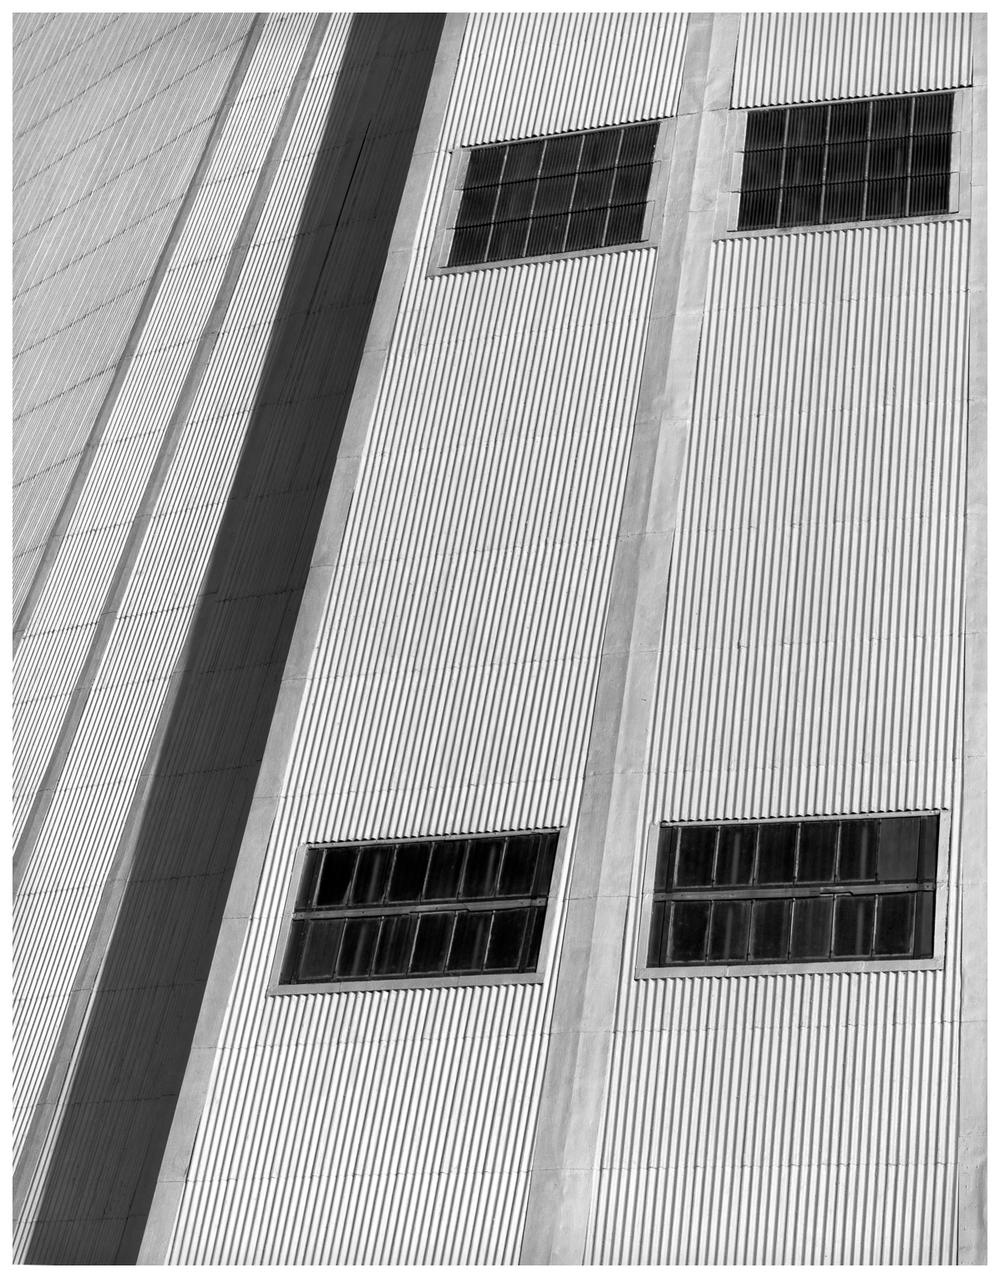 05269 Hangar 1 Slant.jpg